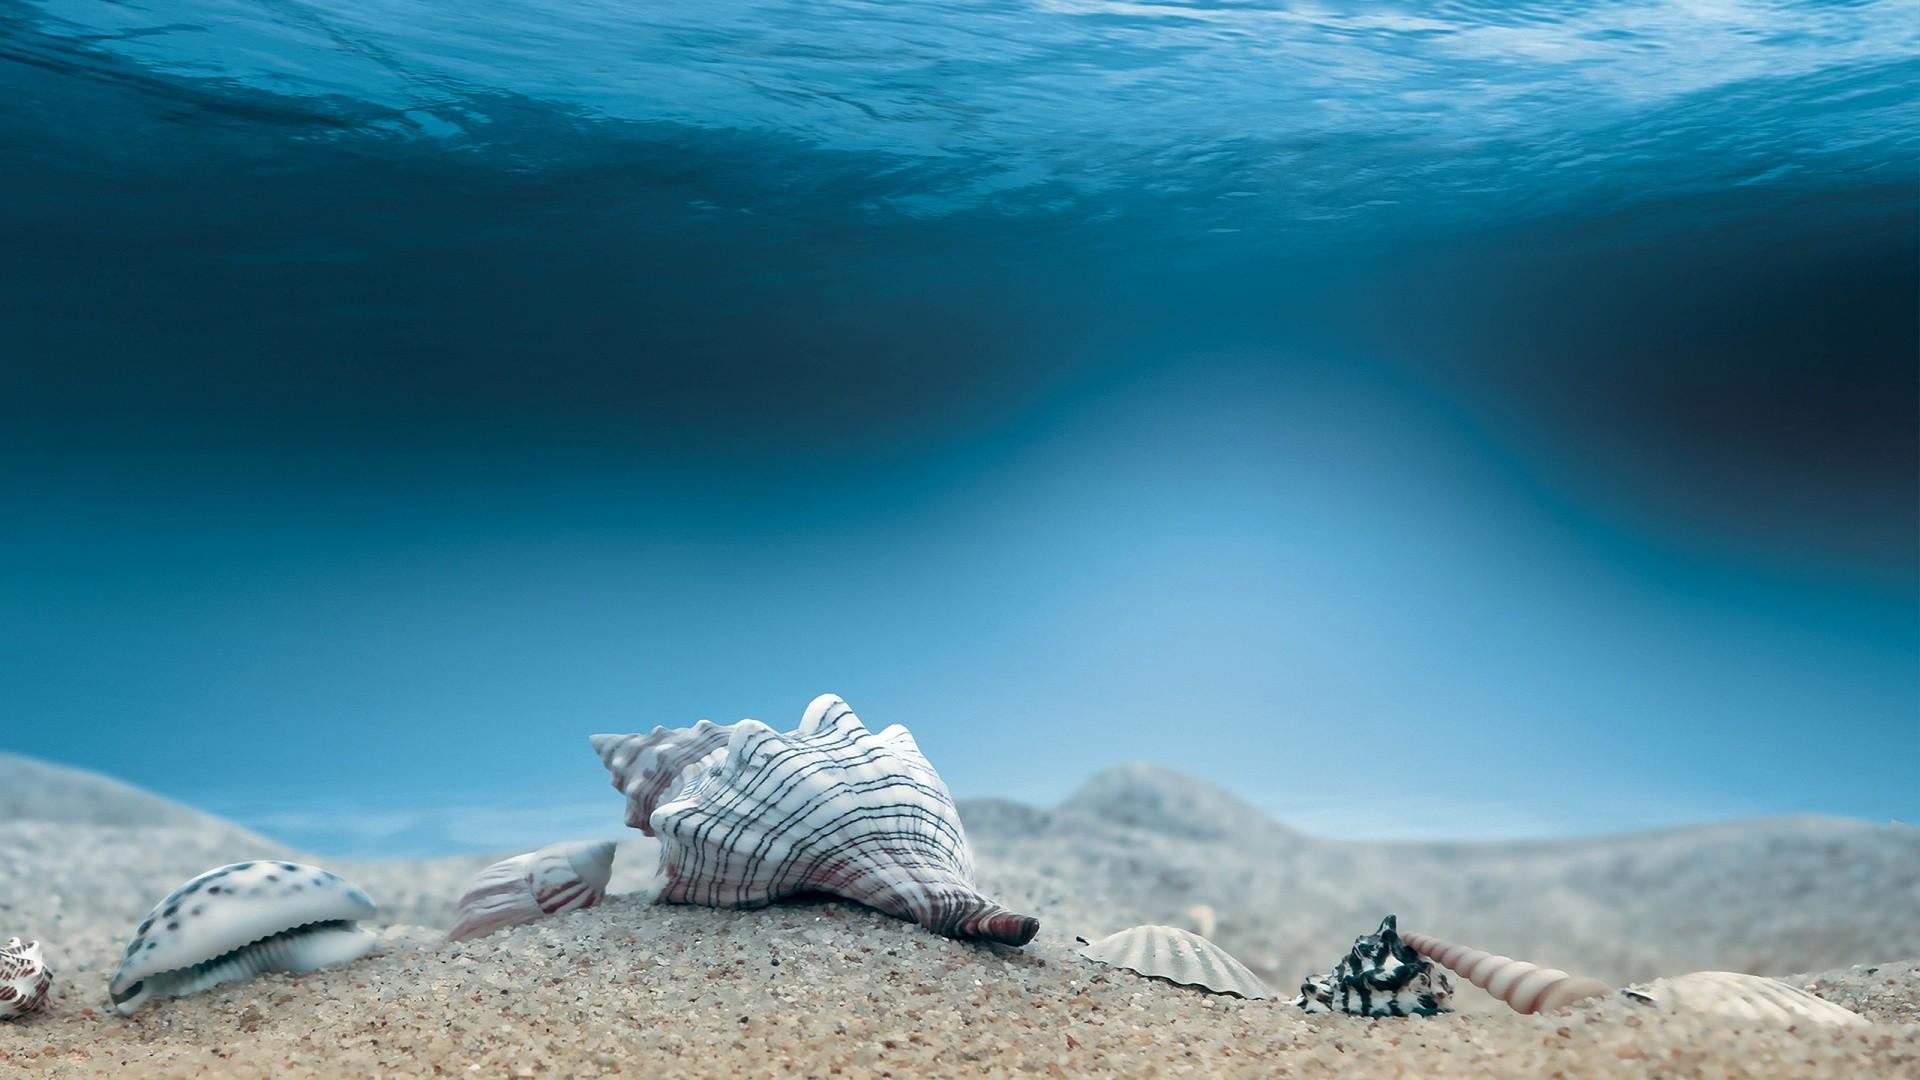 Underwater Wallpapers 70 Pictures